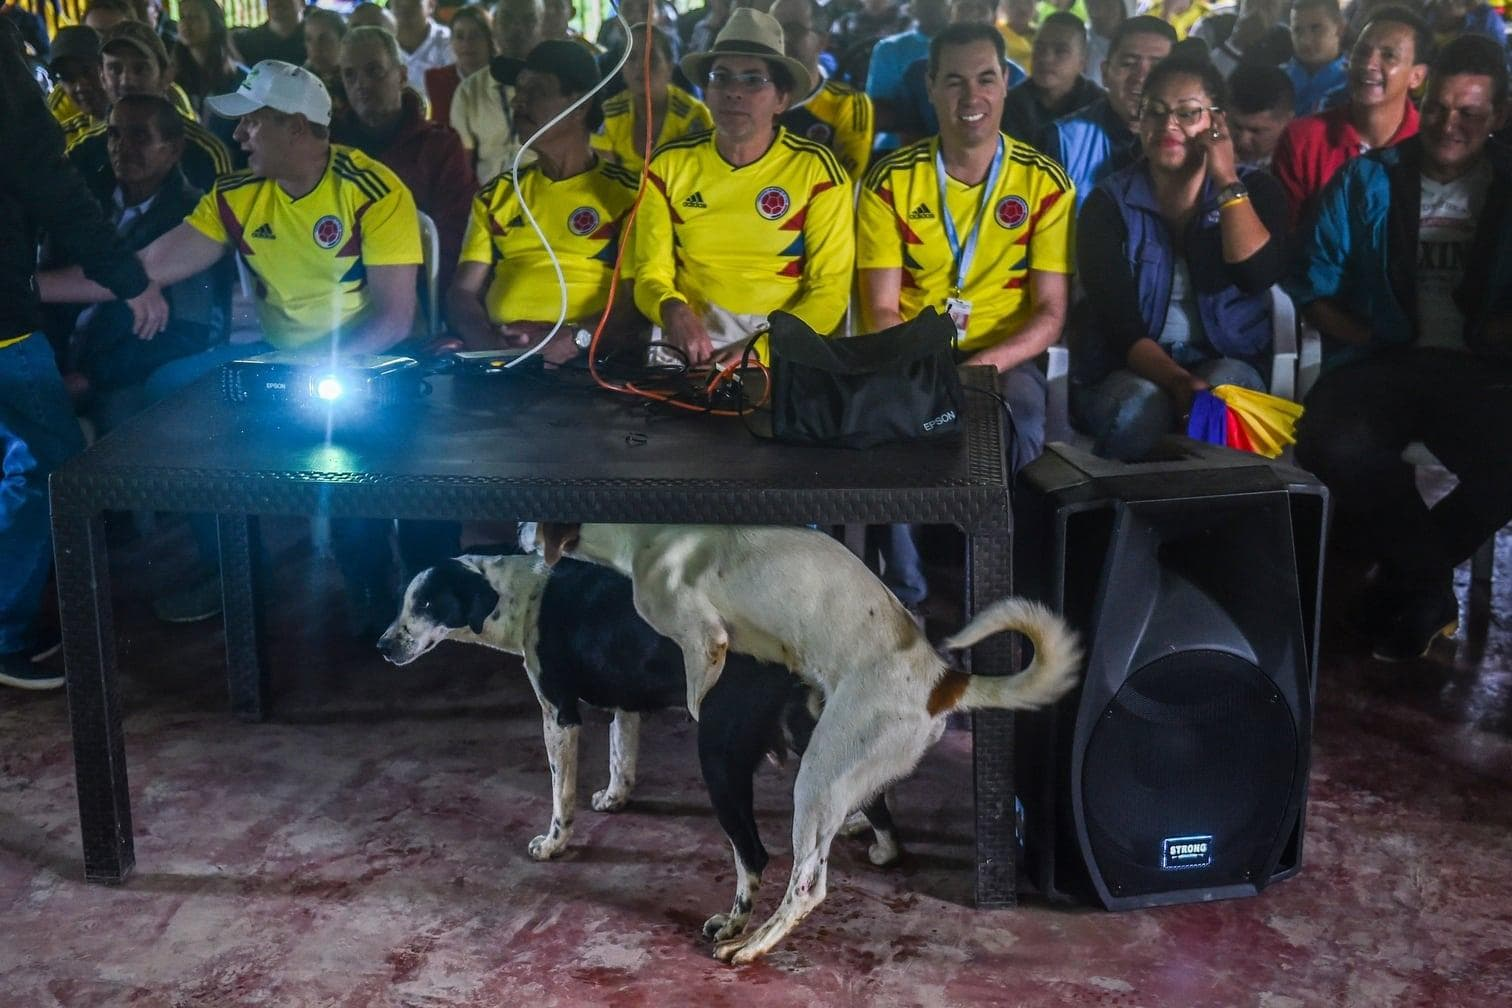 <p>Da war die Laune noch gut. Ein marokkanischer WM-Zuschauer knutscht mit seinem Kuscheltier.</p> Foto: dpa